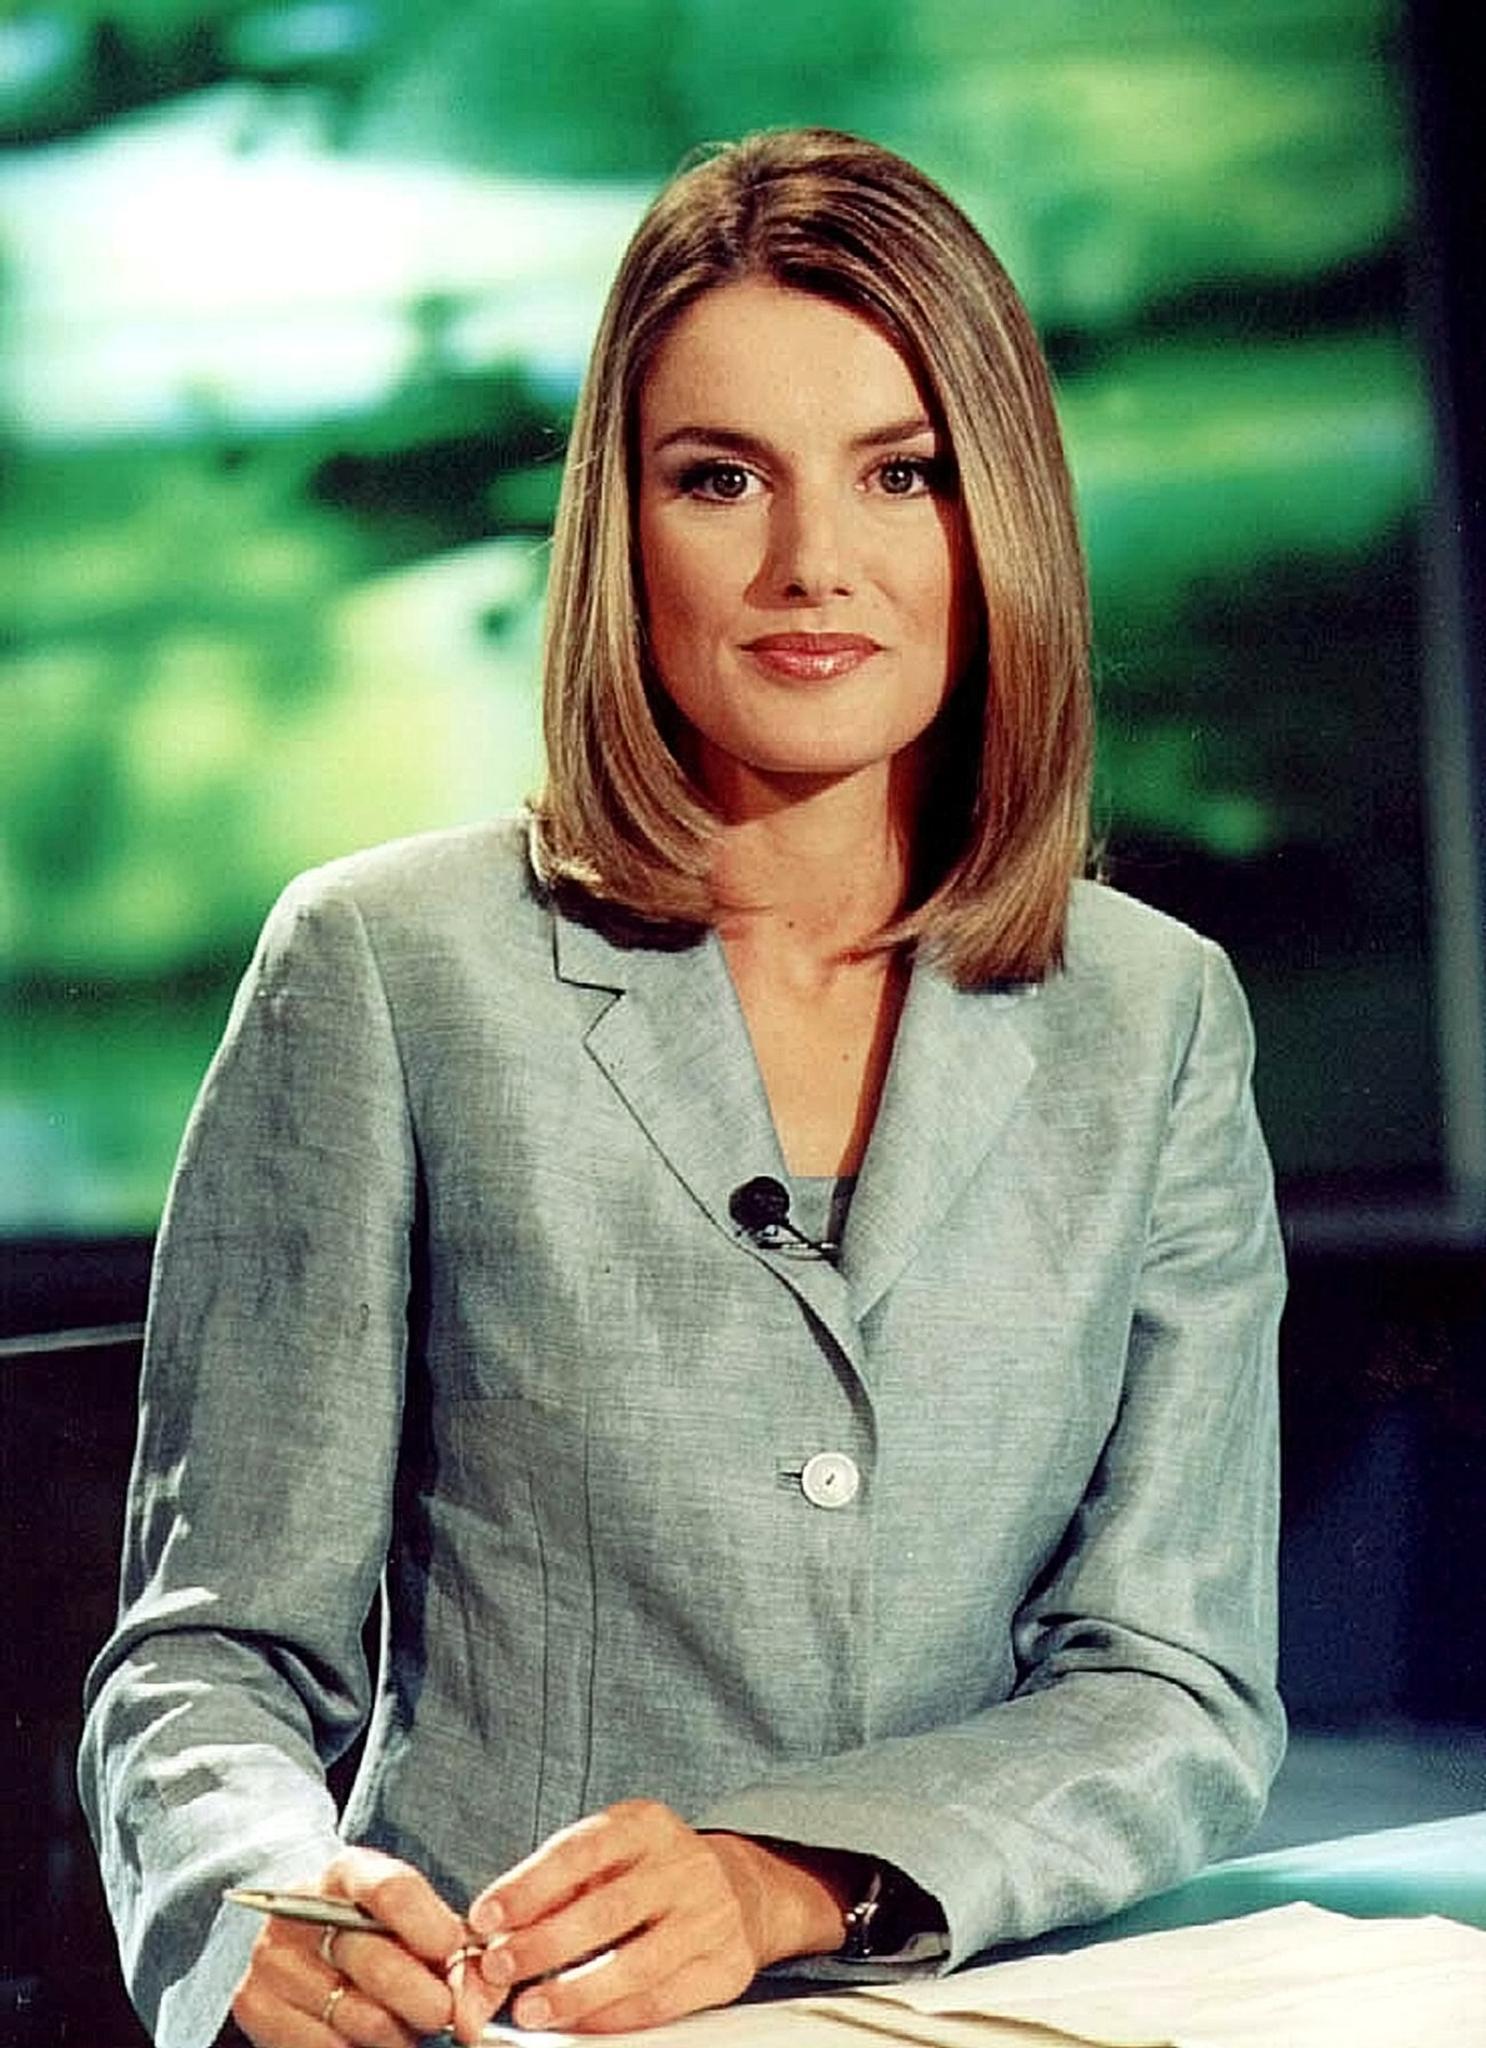 Letizia Ortiz Rocasolano als TV-Journlistin im Jahr 2000.